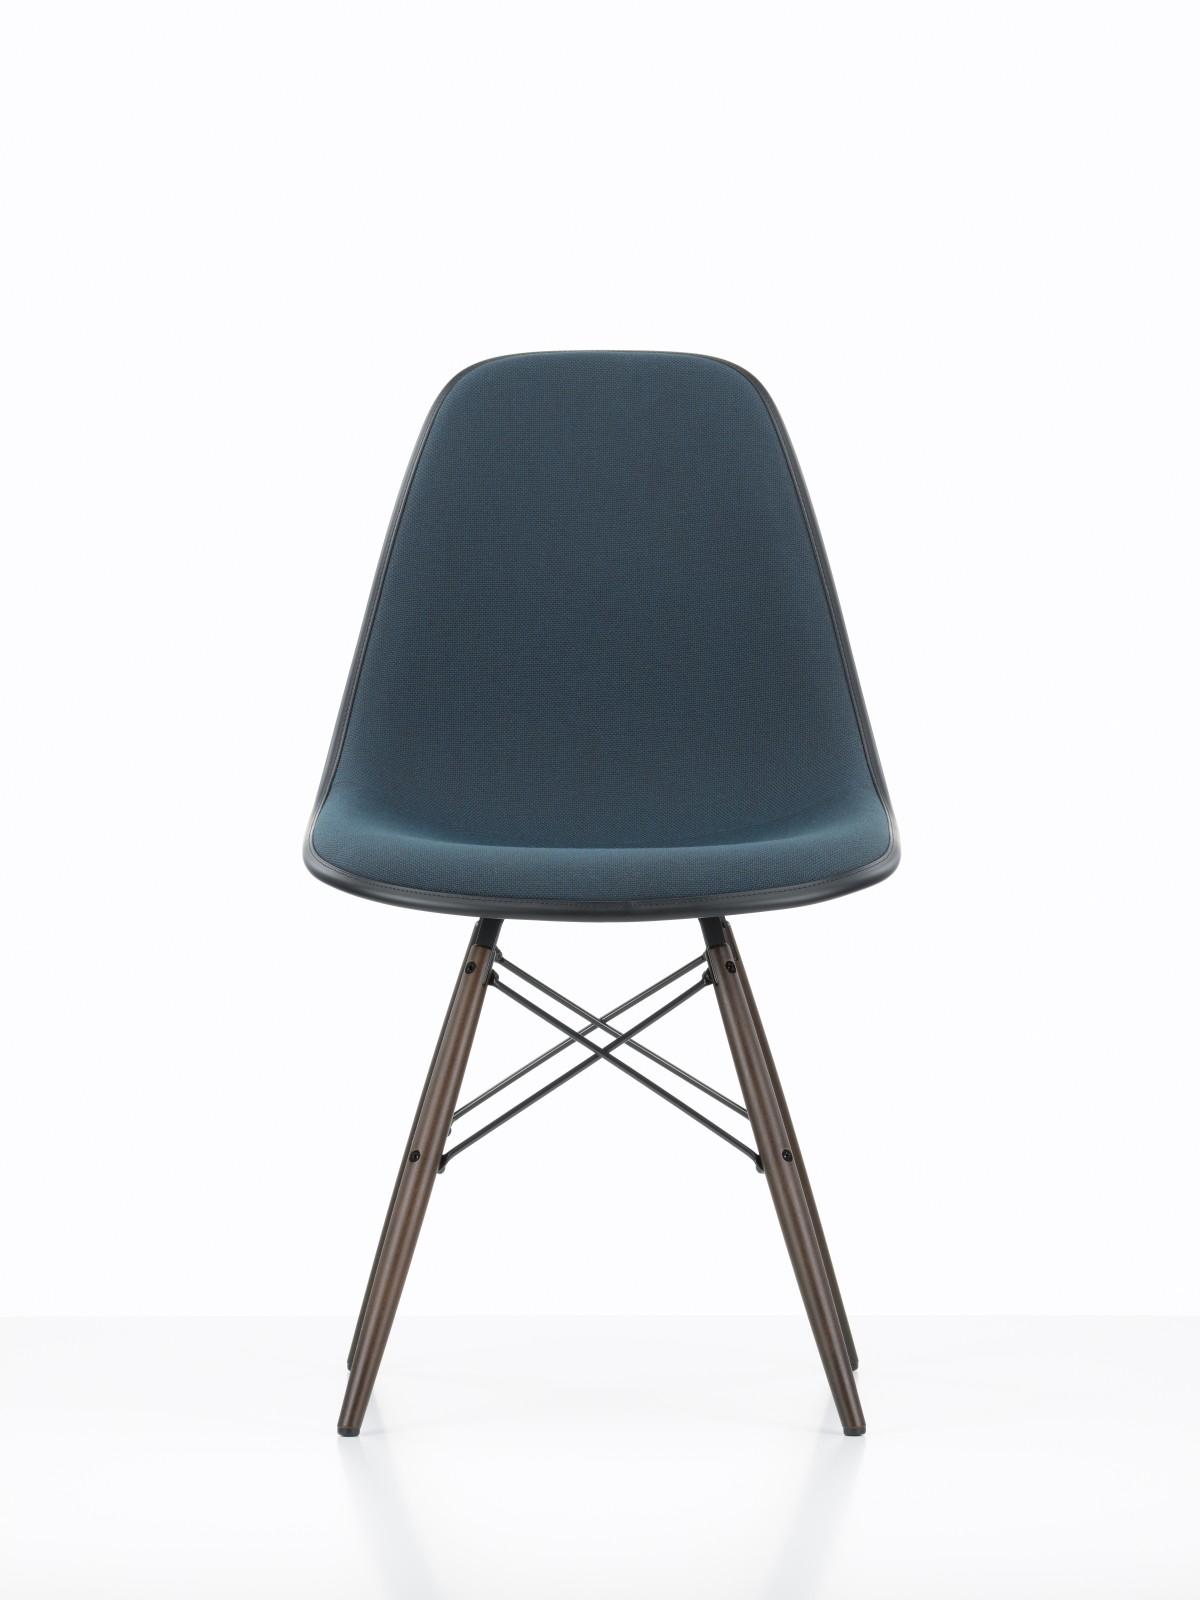 DSW Full Upholstery 01 Basic dark, Hopsak 71 yellow/pastel green, 02 Golden Maple, 01 Basic dark, 04